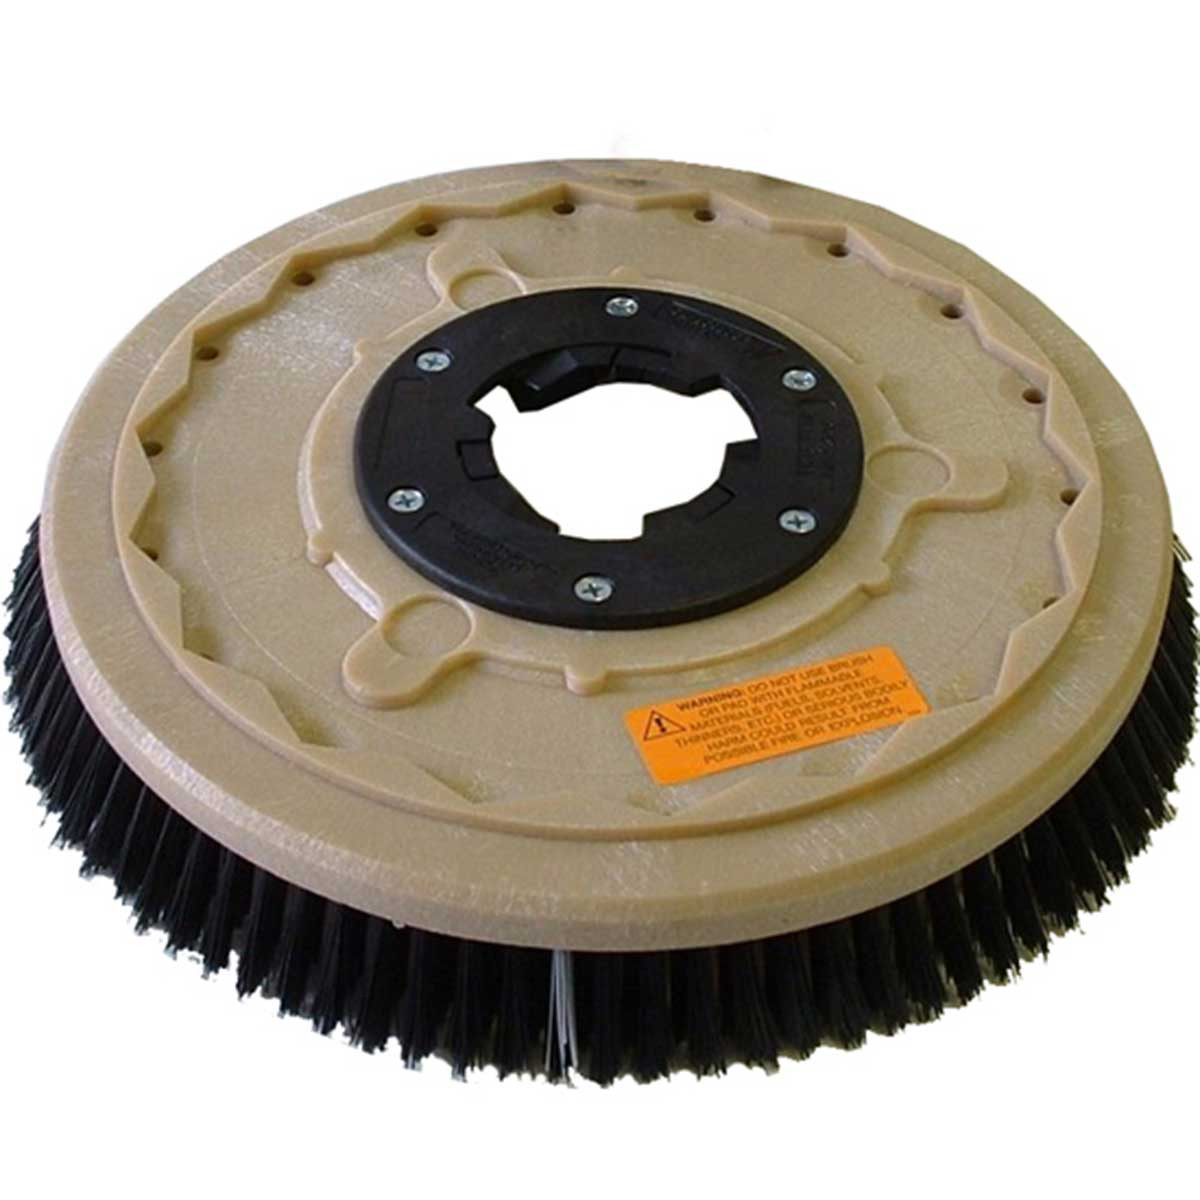 Hawk Nylon floor Brush